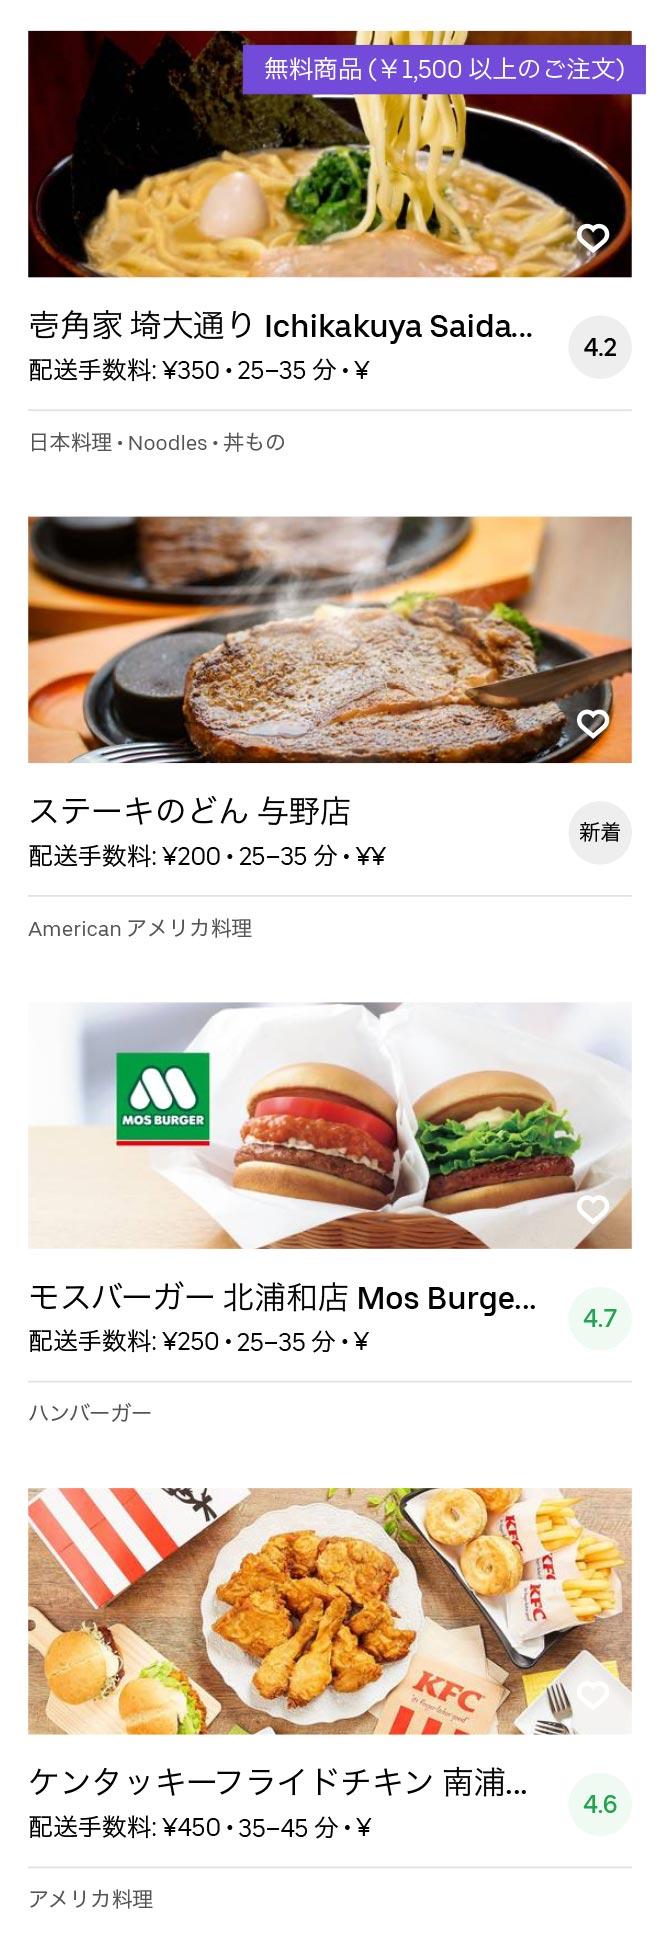 Saitama minami yono menu 2006 02